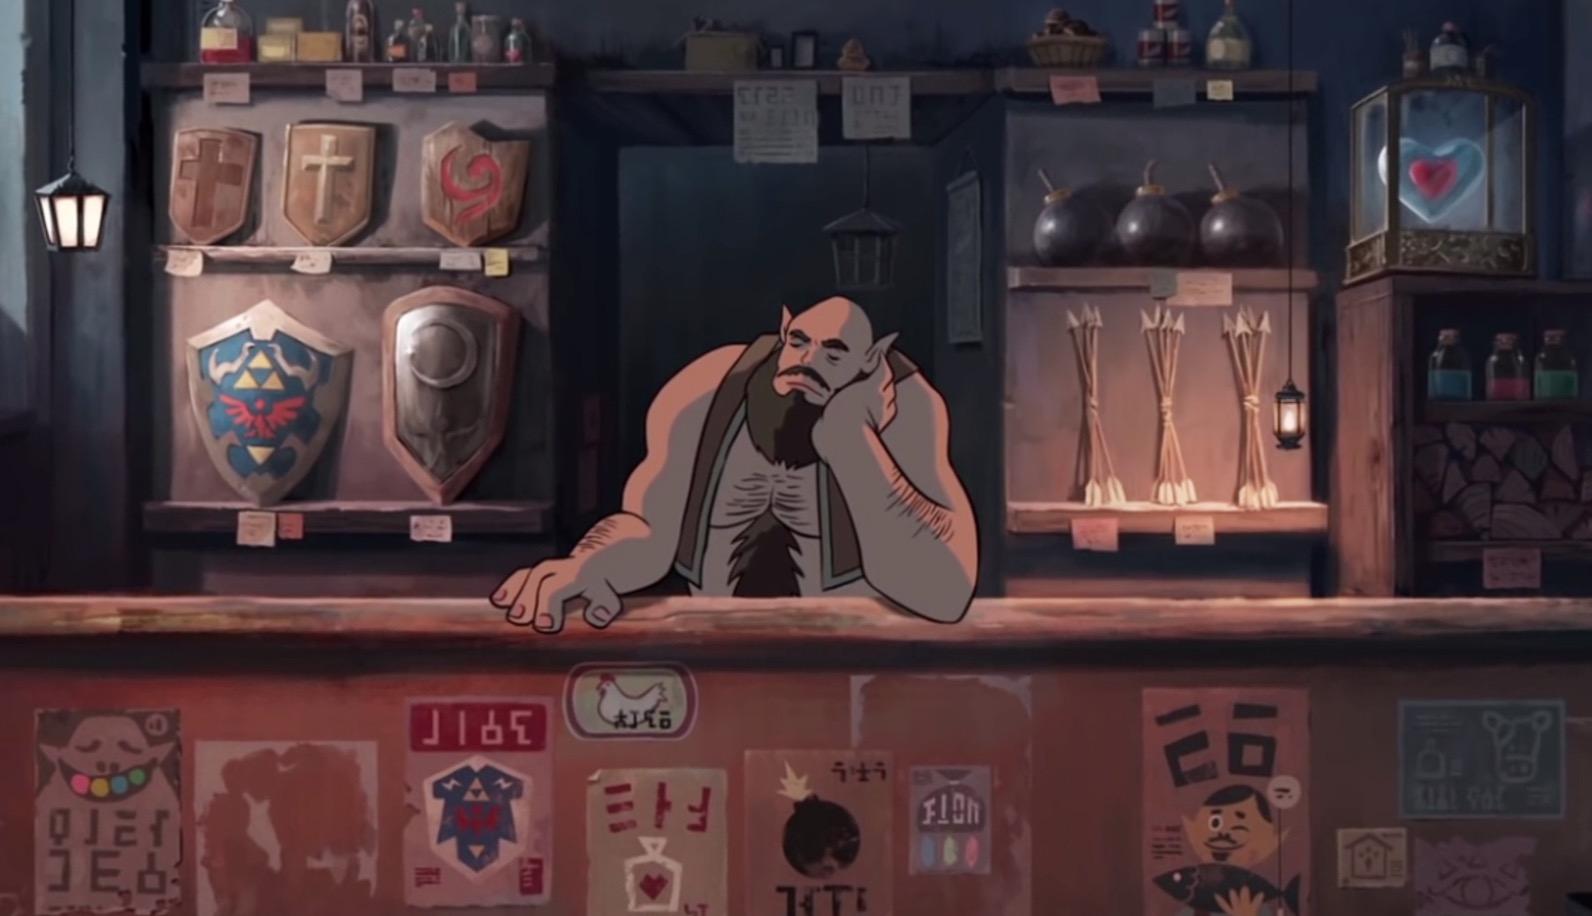 もしジブリが「ゼルダの伝説」を作ったら?海外のファンが作った動画が美しい!!